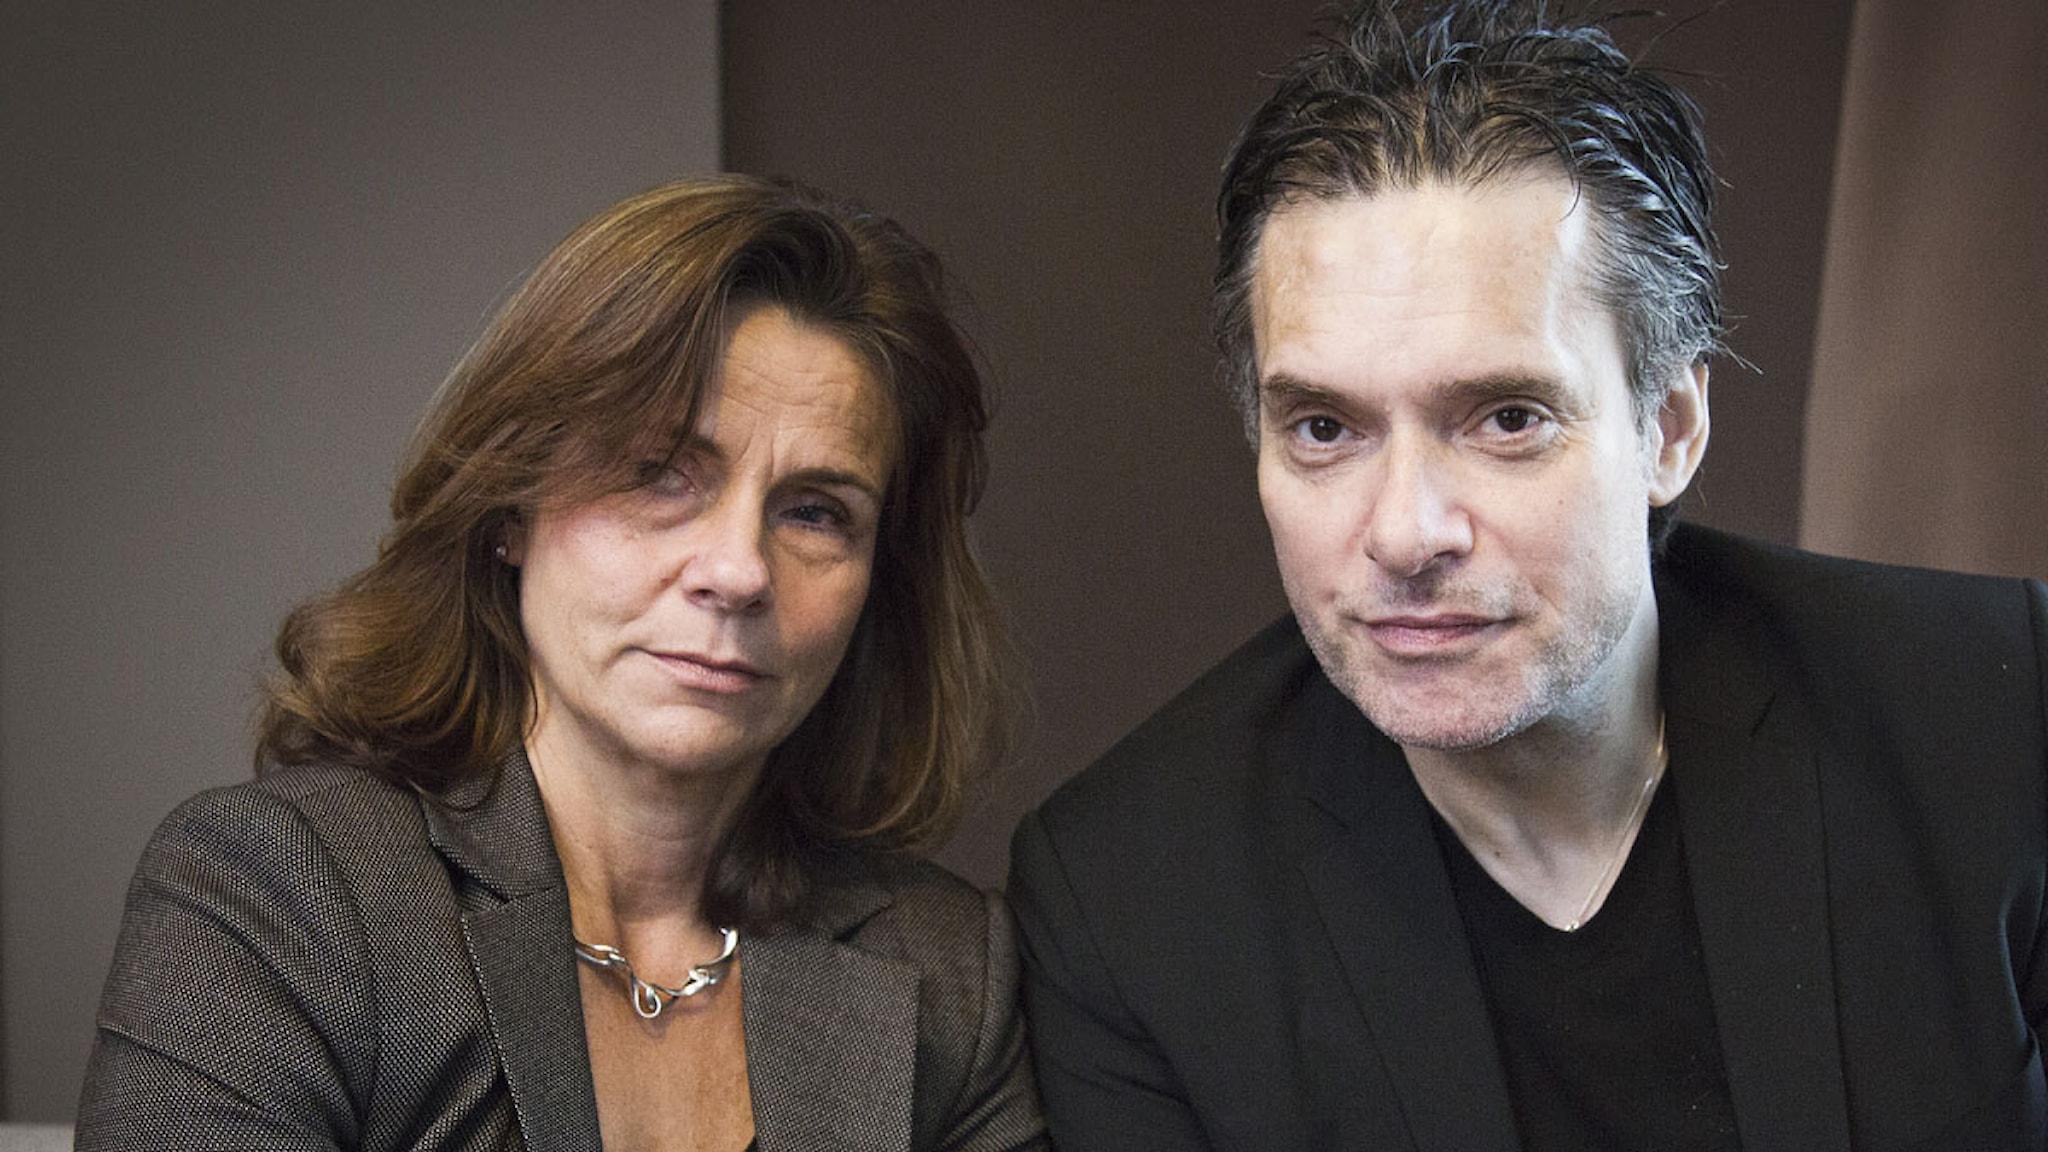 Katarina Hahr och Thorsten Flinck. Foto: Micke Grönberg / SR.